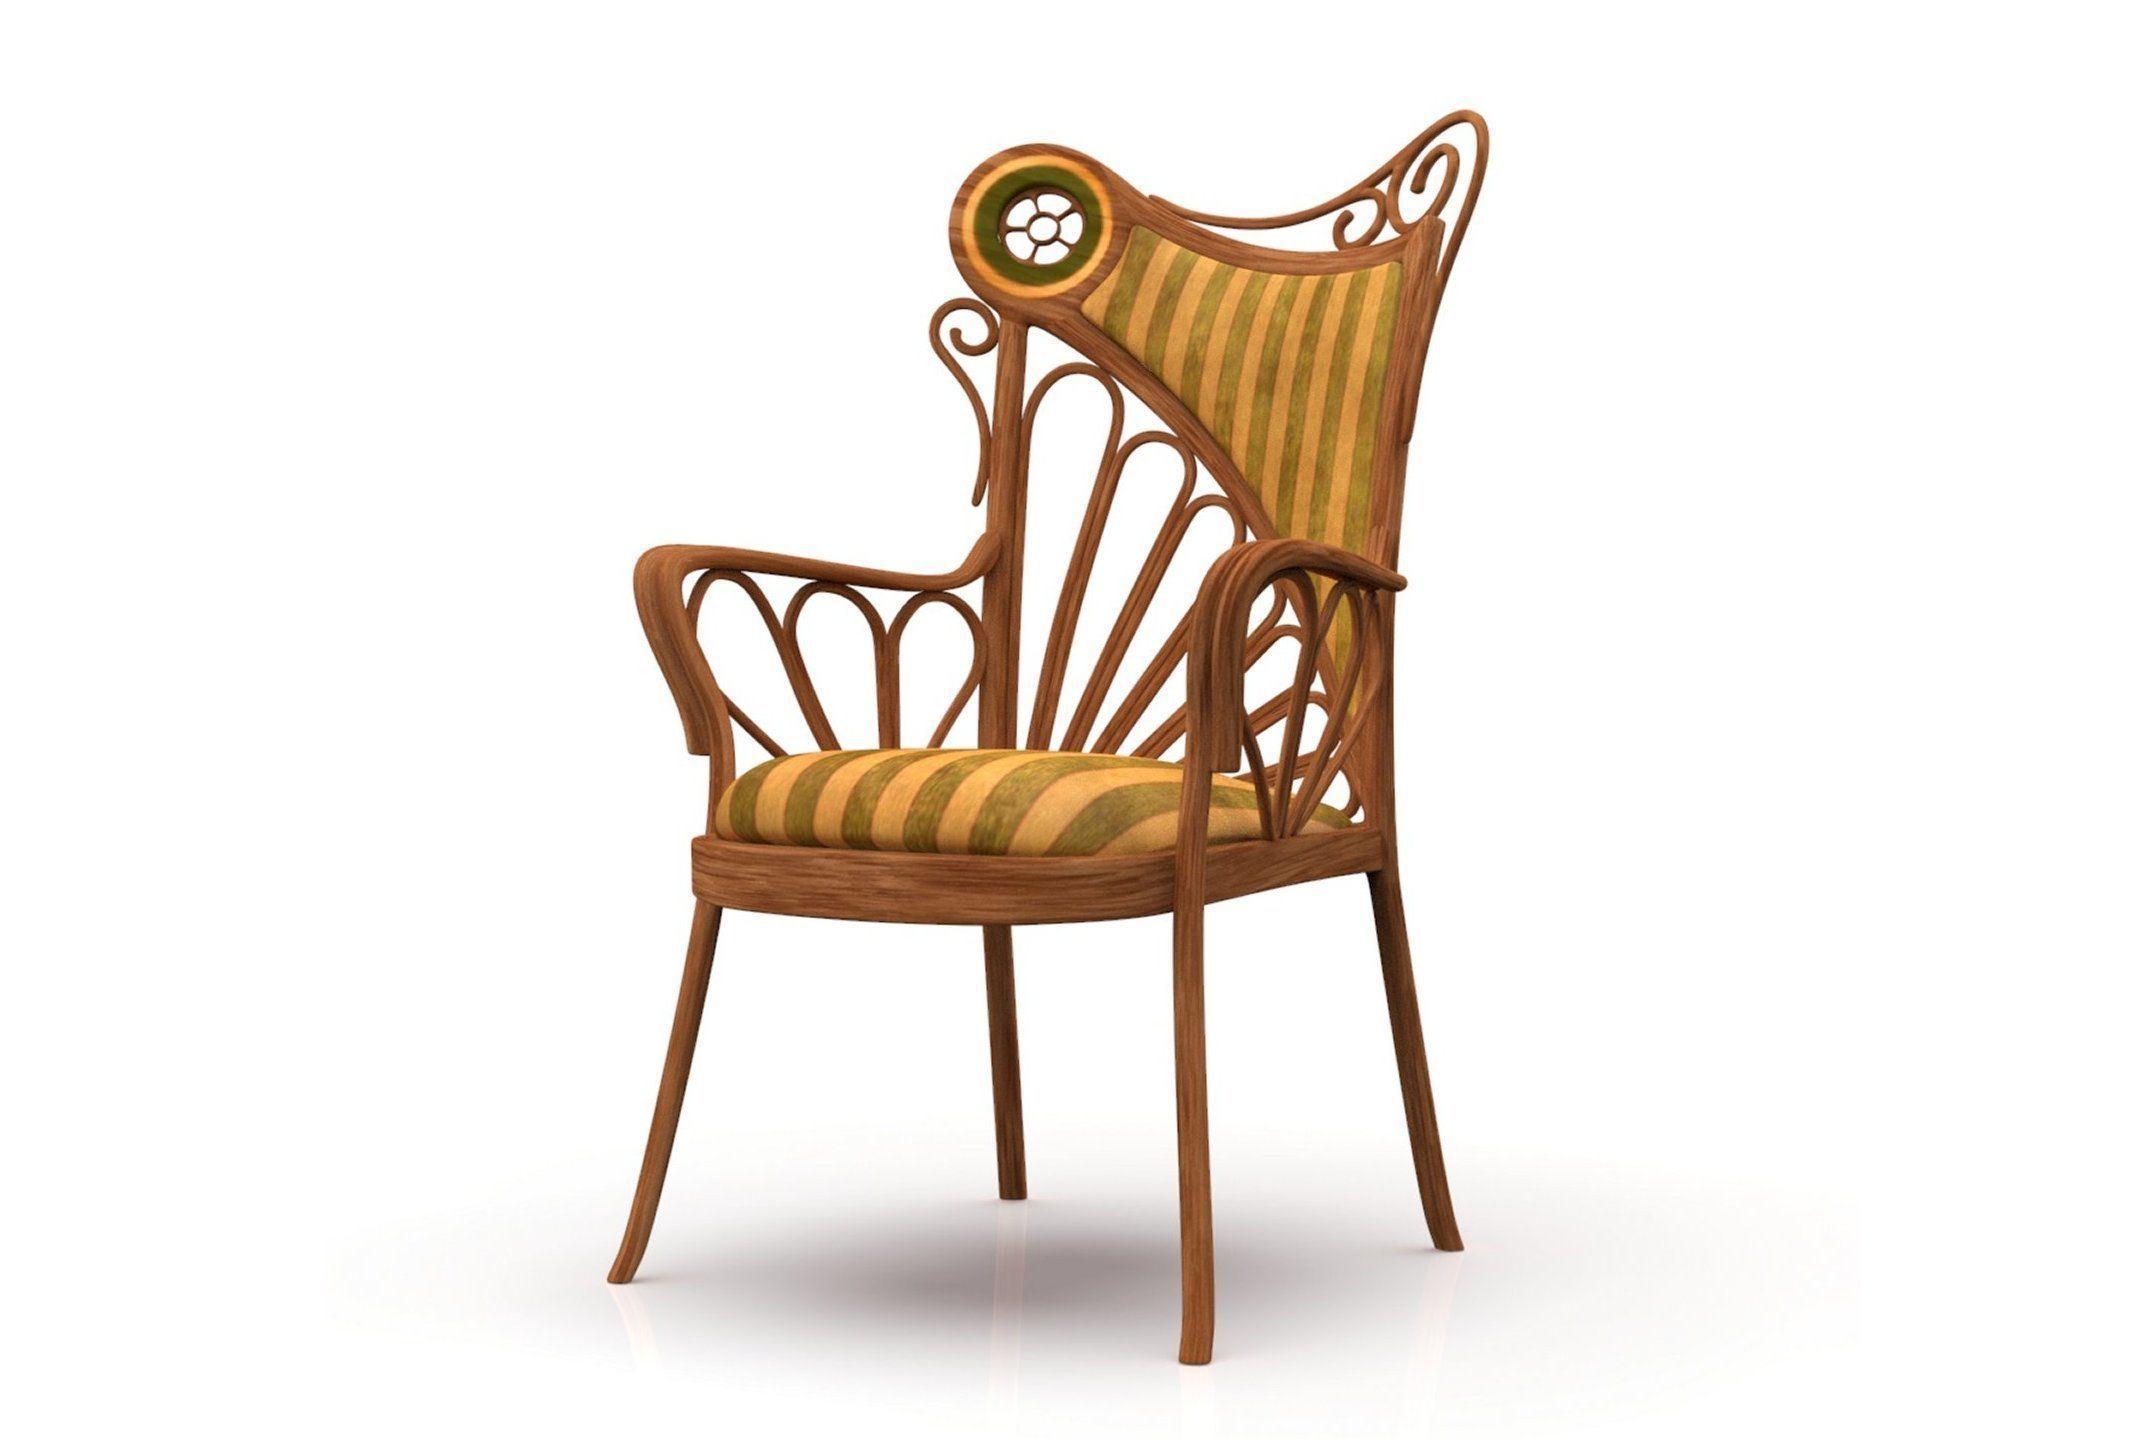 Chaise Style Art Nouveau art nouveau chair designers - kumpalo.parkersydnorhistoric